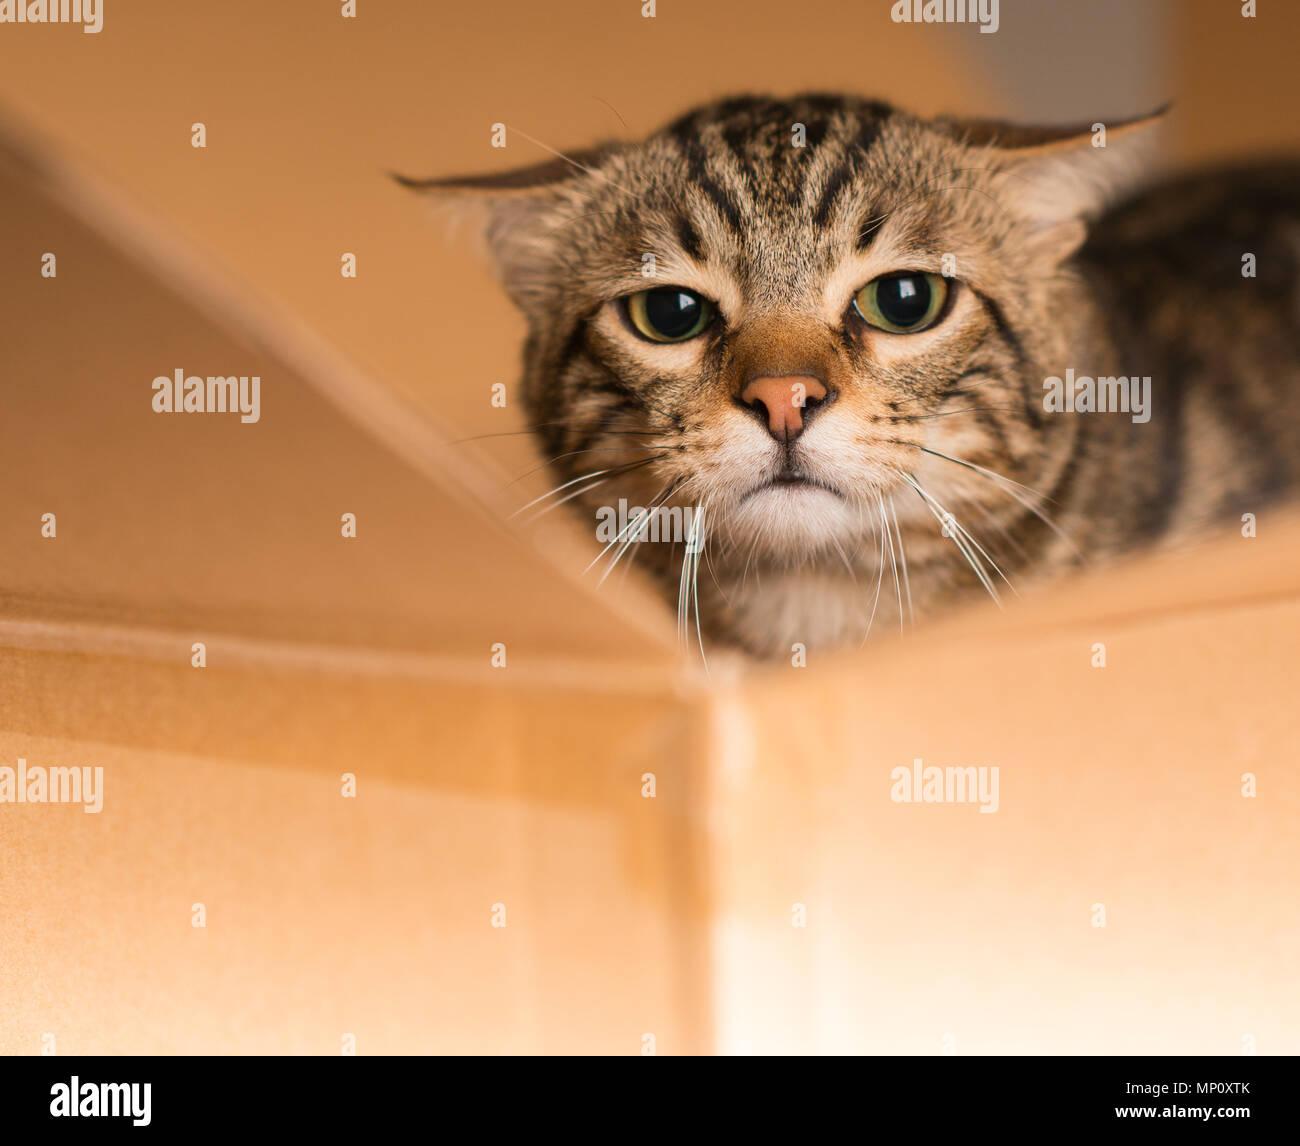 Hermoso gato jugando al escondite en una caja de cartón Imagen De Stock